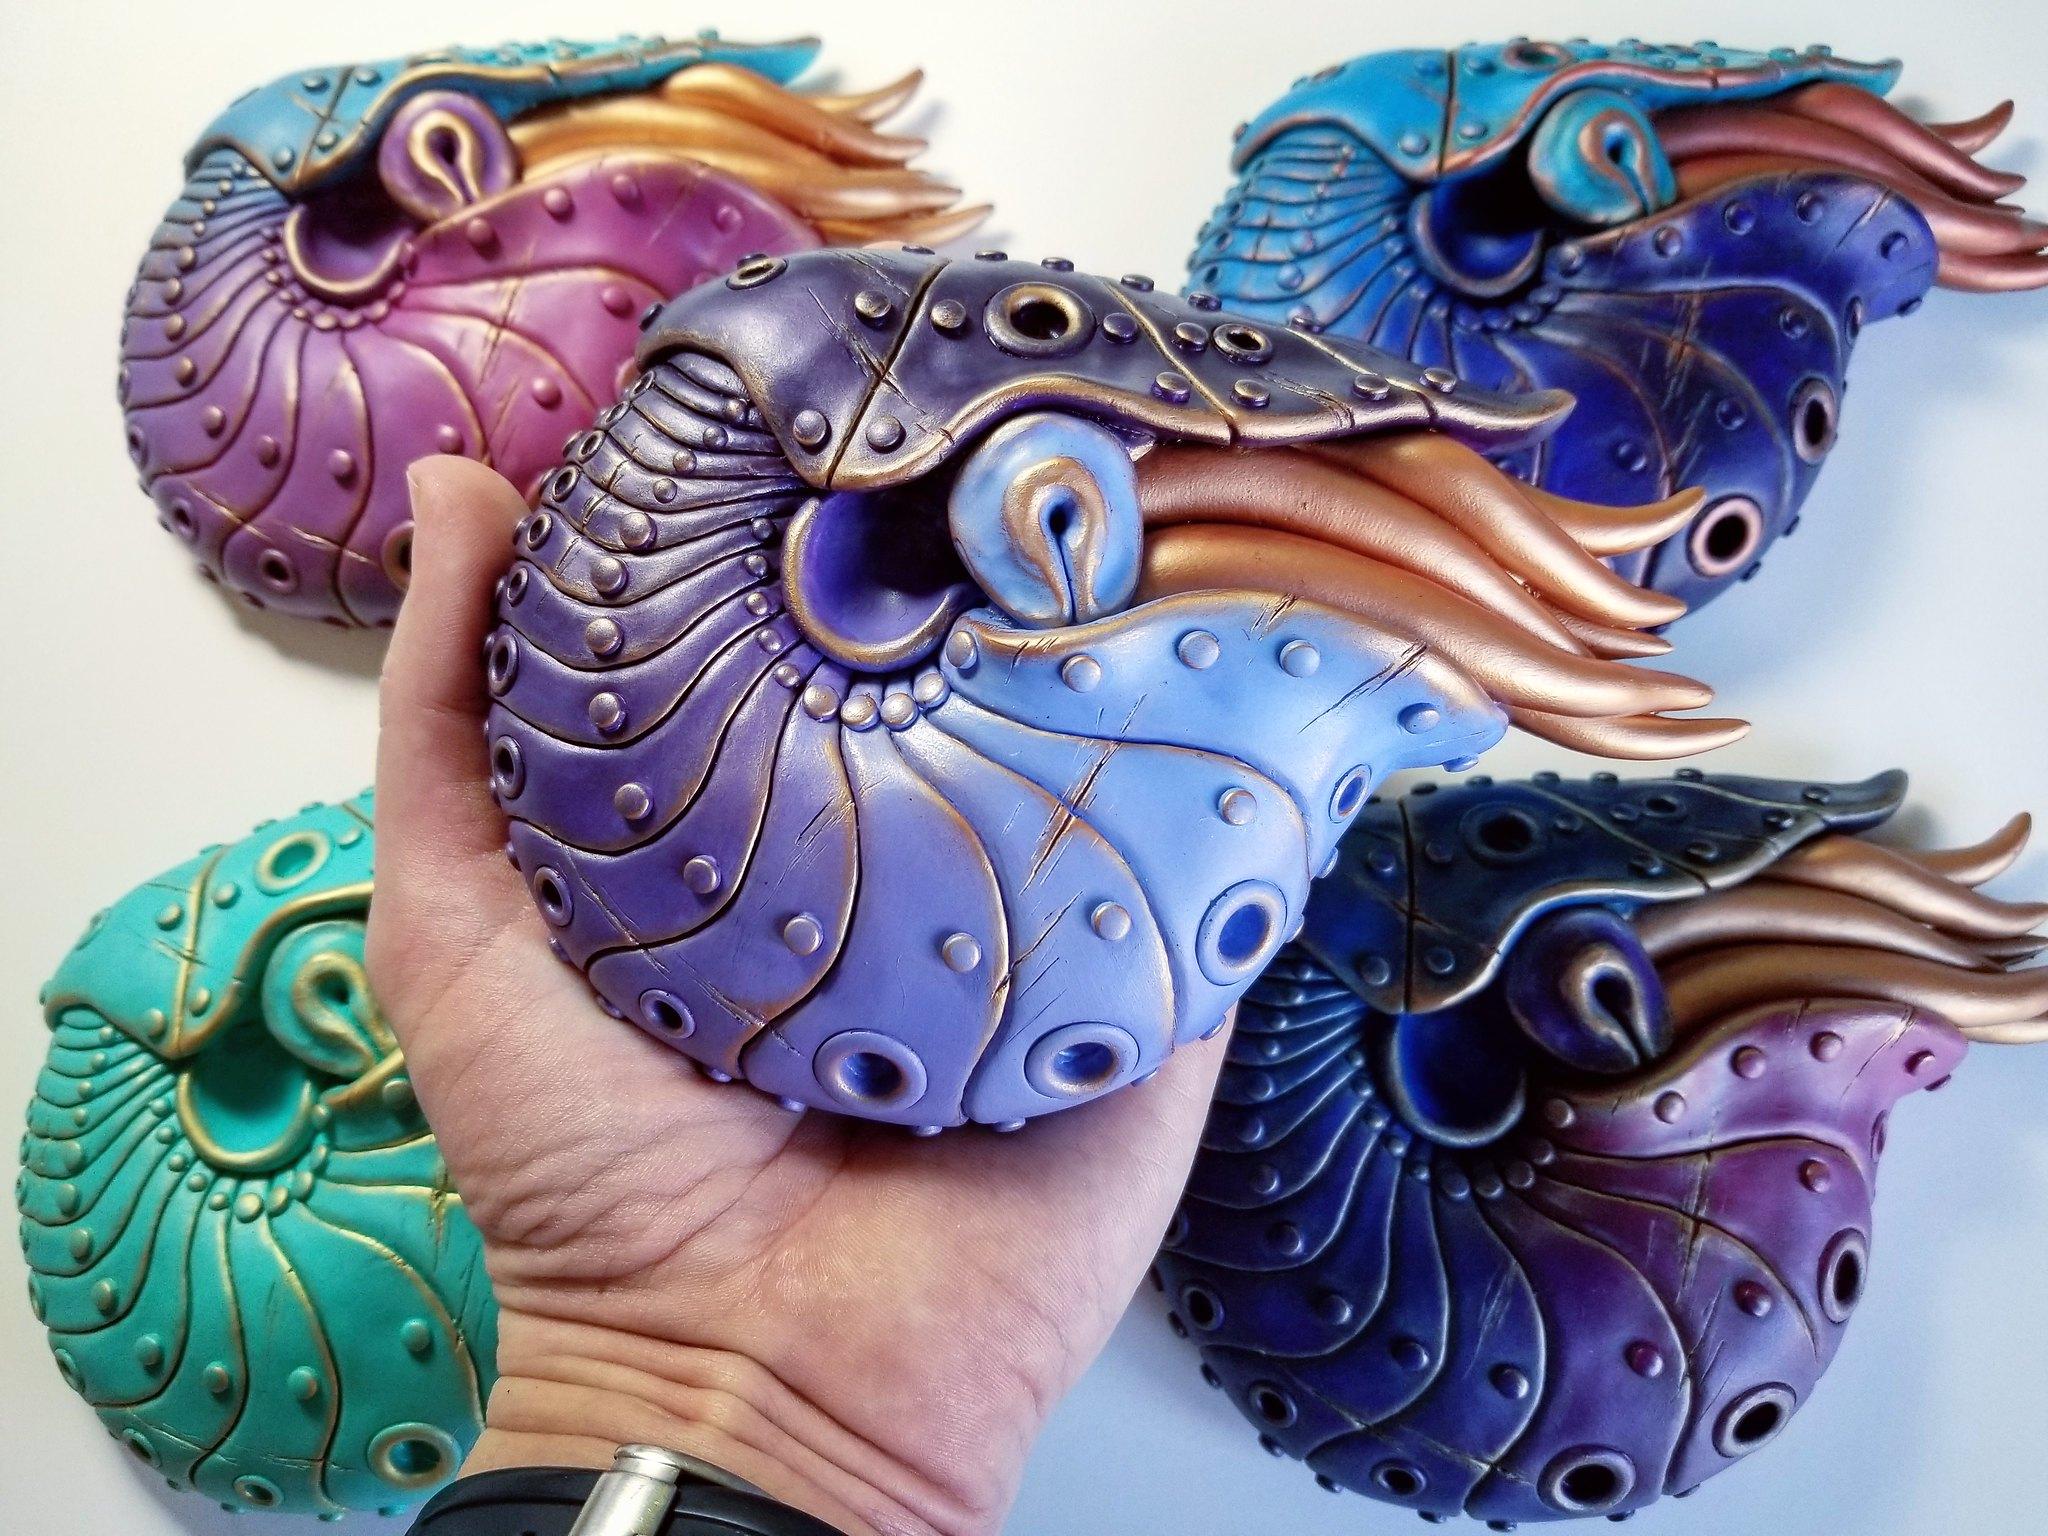 Nautilus by Calder Kibyuk Designs